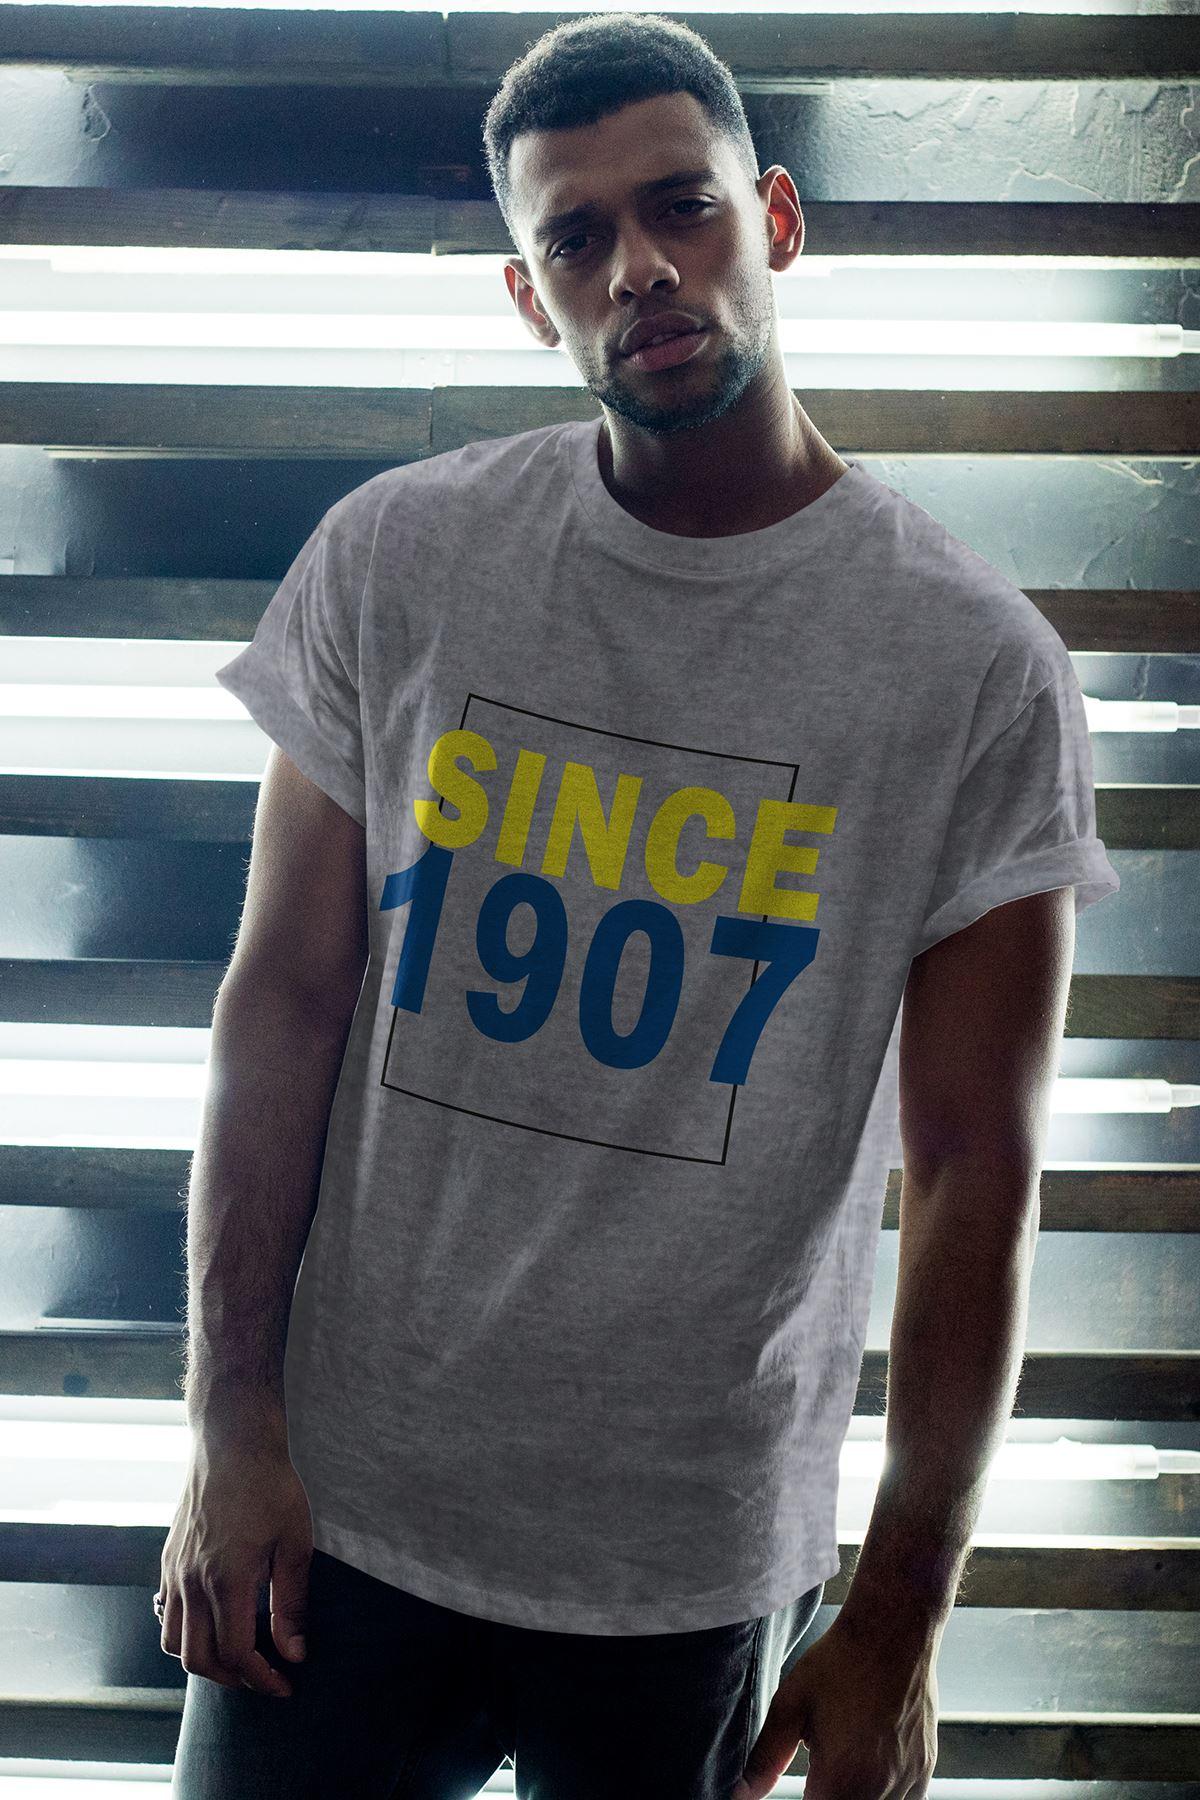 Since 1907 Gri Erkek Oversize Tshirt - Tişört